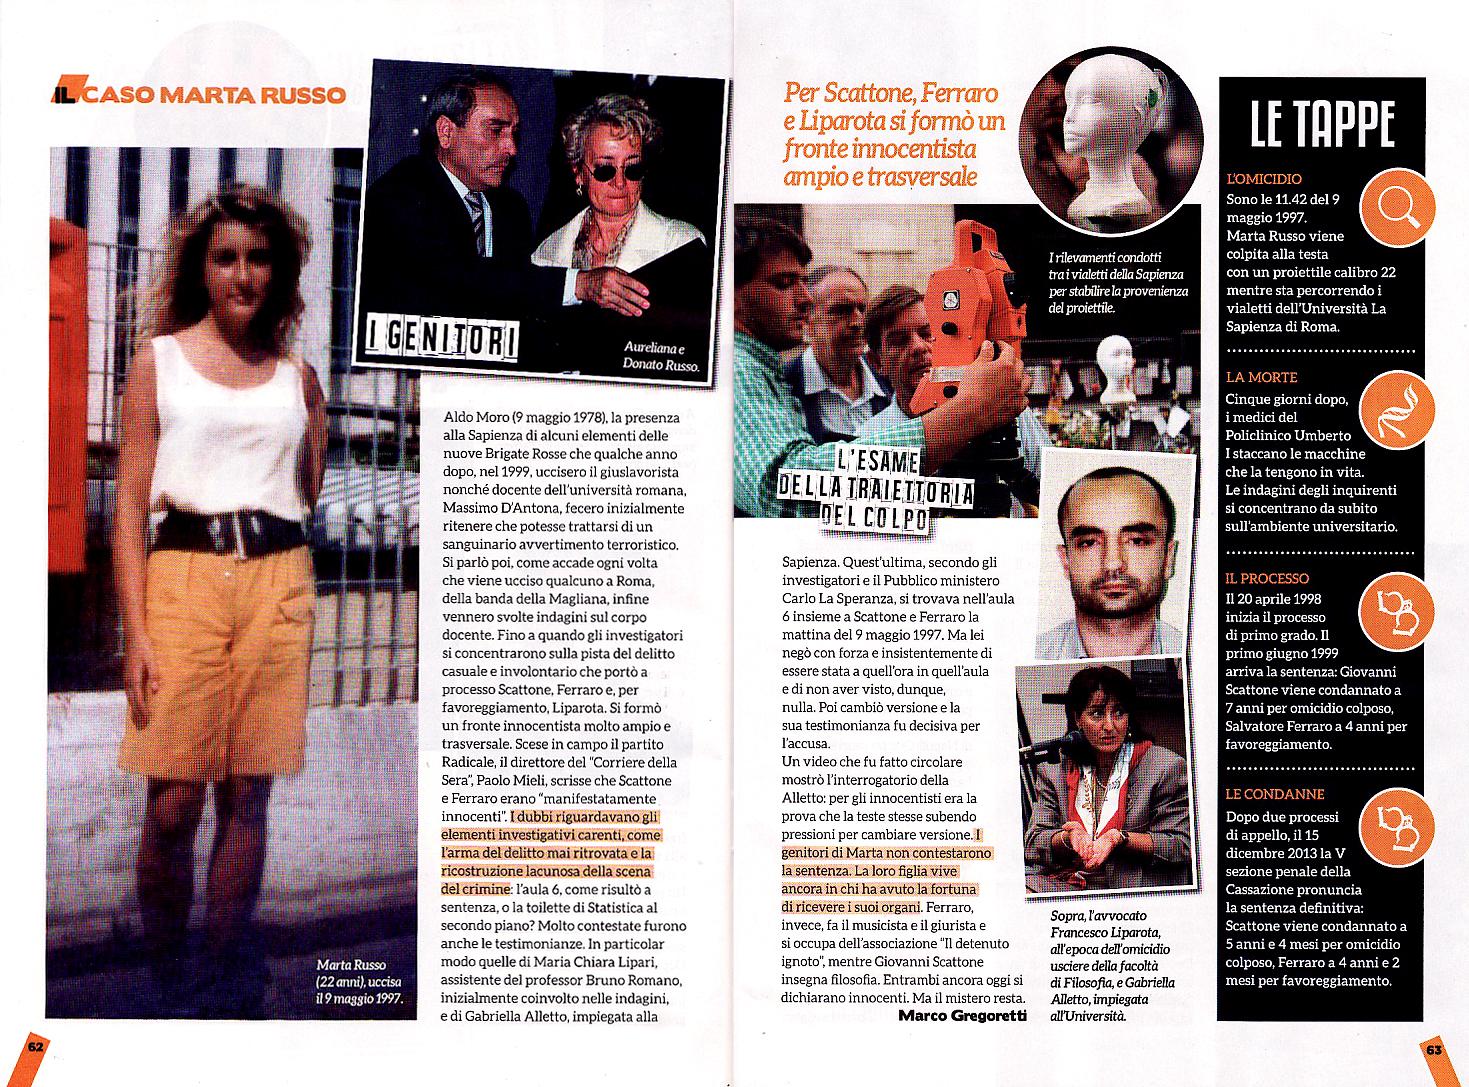 Il delitto Marta Russo sul numero otto di Quarto Grado Magazine